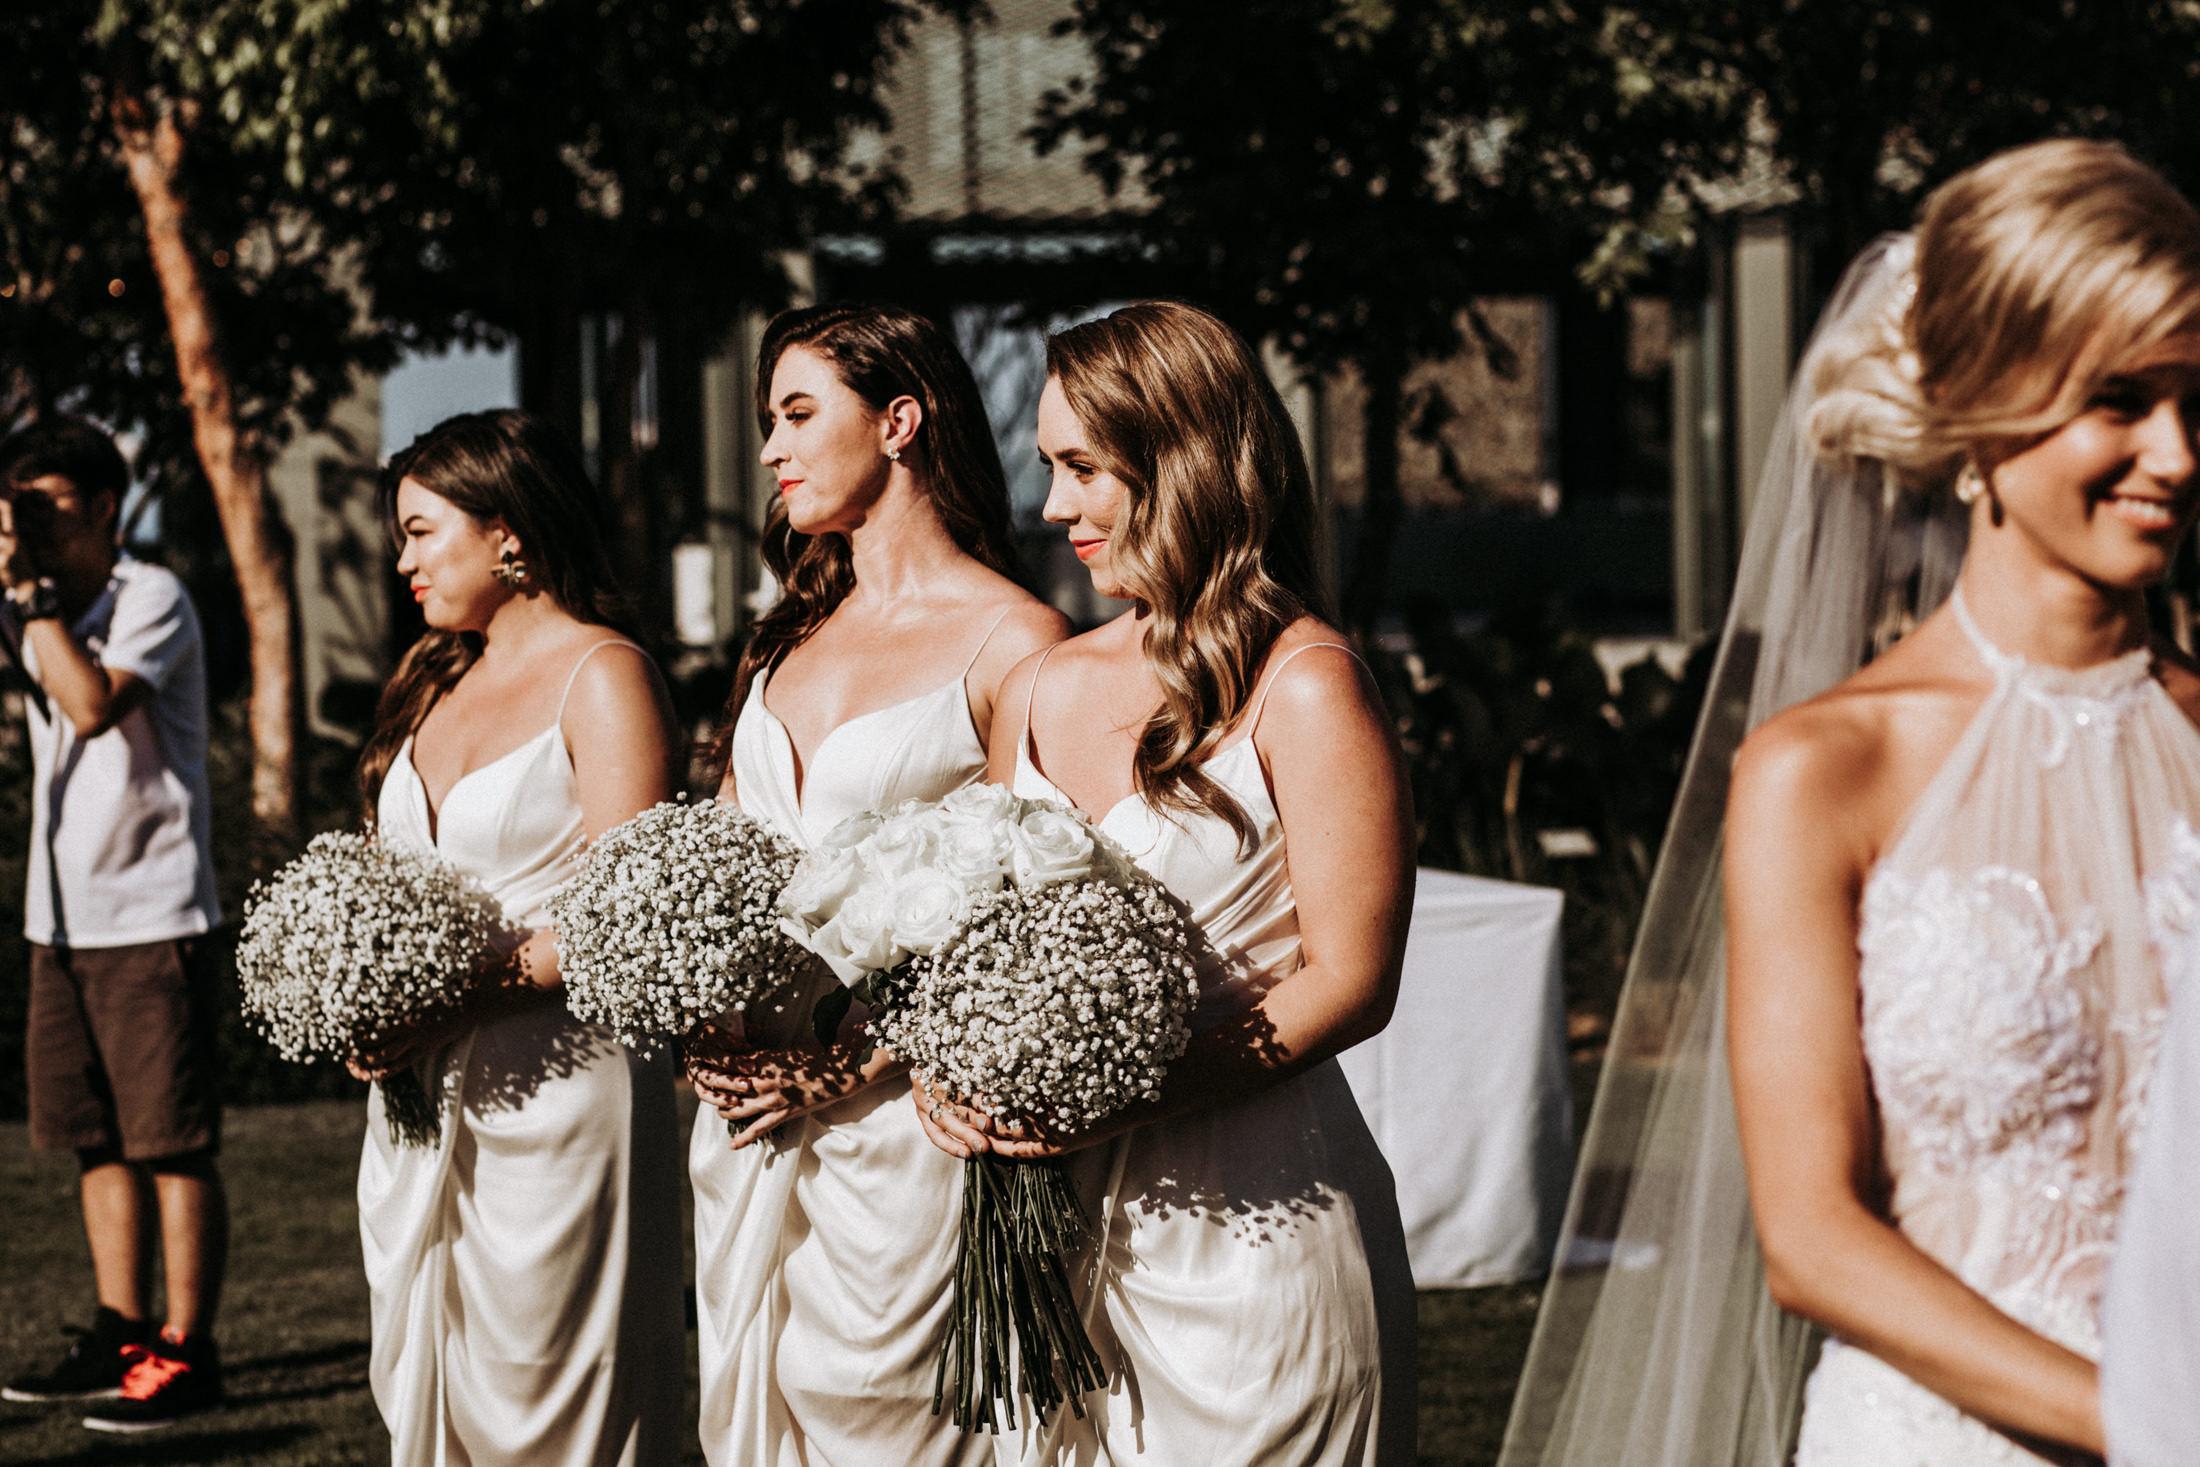 DanielaMarquardt_Wedding_Thailand_236